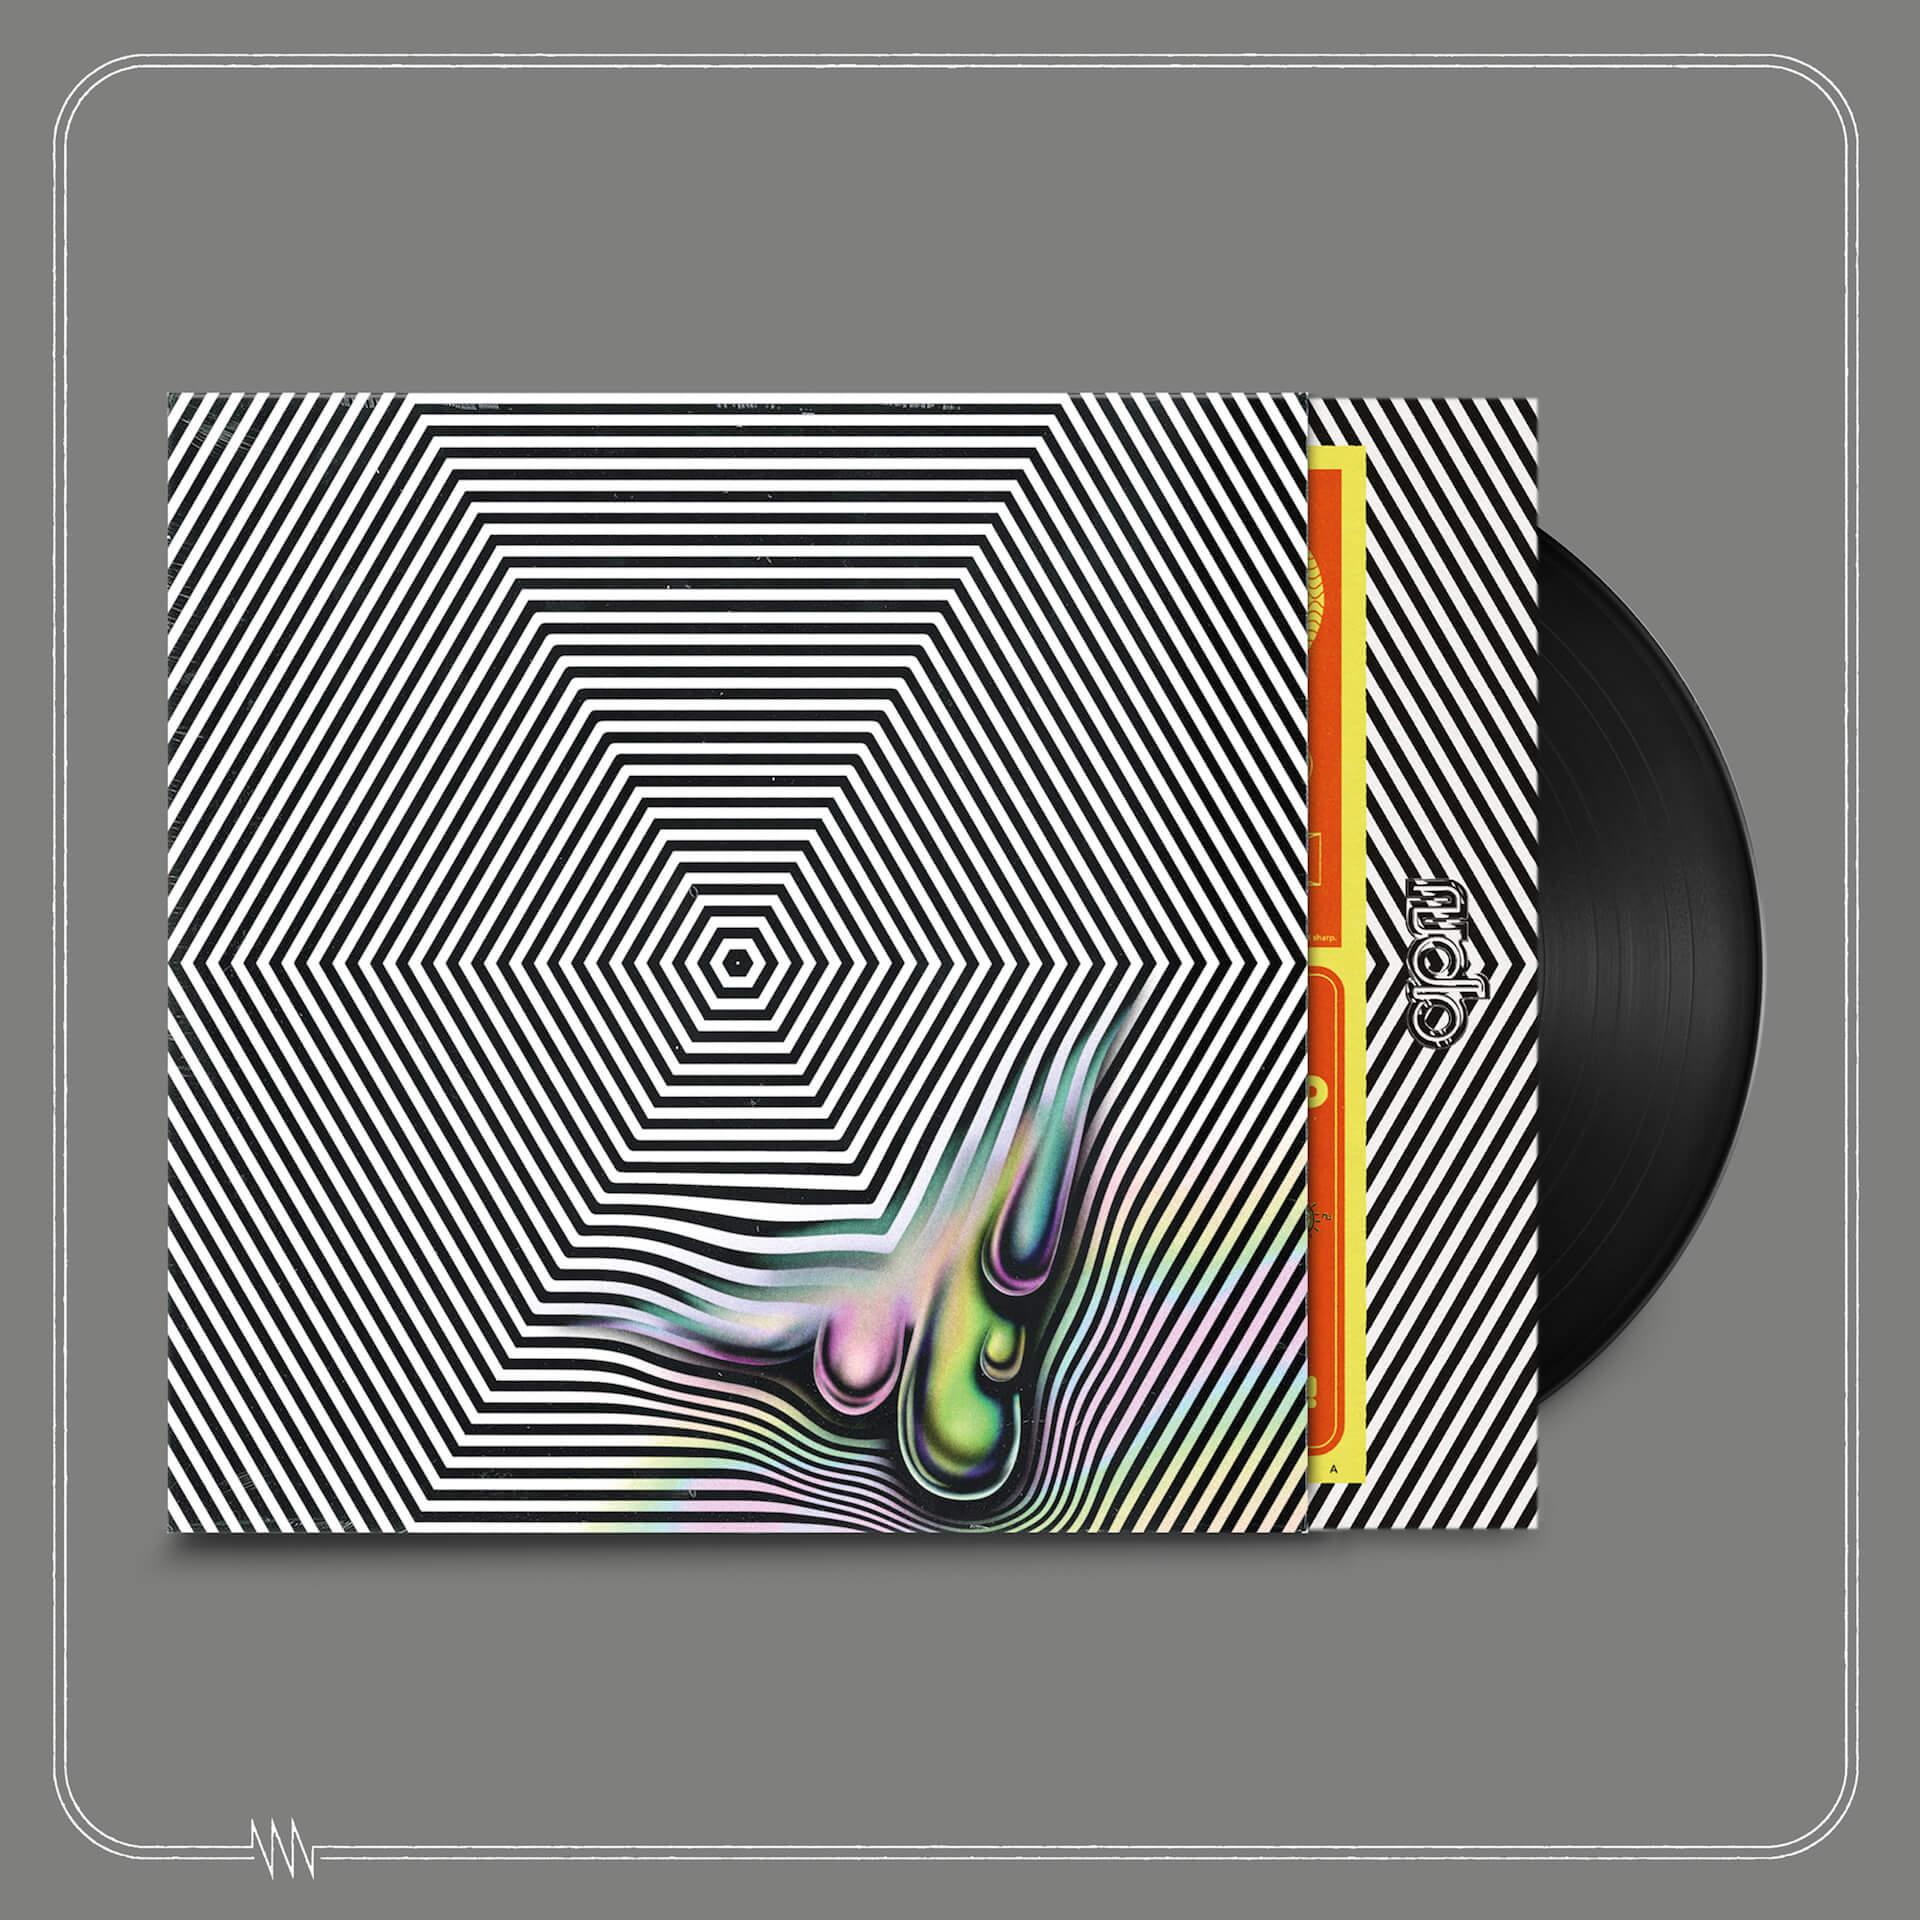 Oneohtrix Point Neverの新アルバム『Magic Oneohtrix Point Never』がリリース決定!シングル3曲をまとめたパッケージが公開 music200924_opn_12